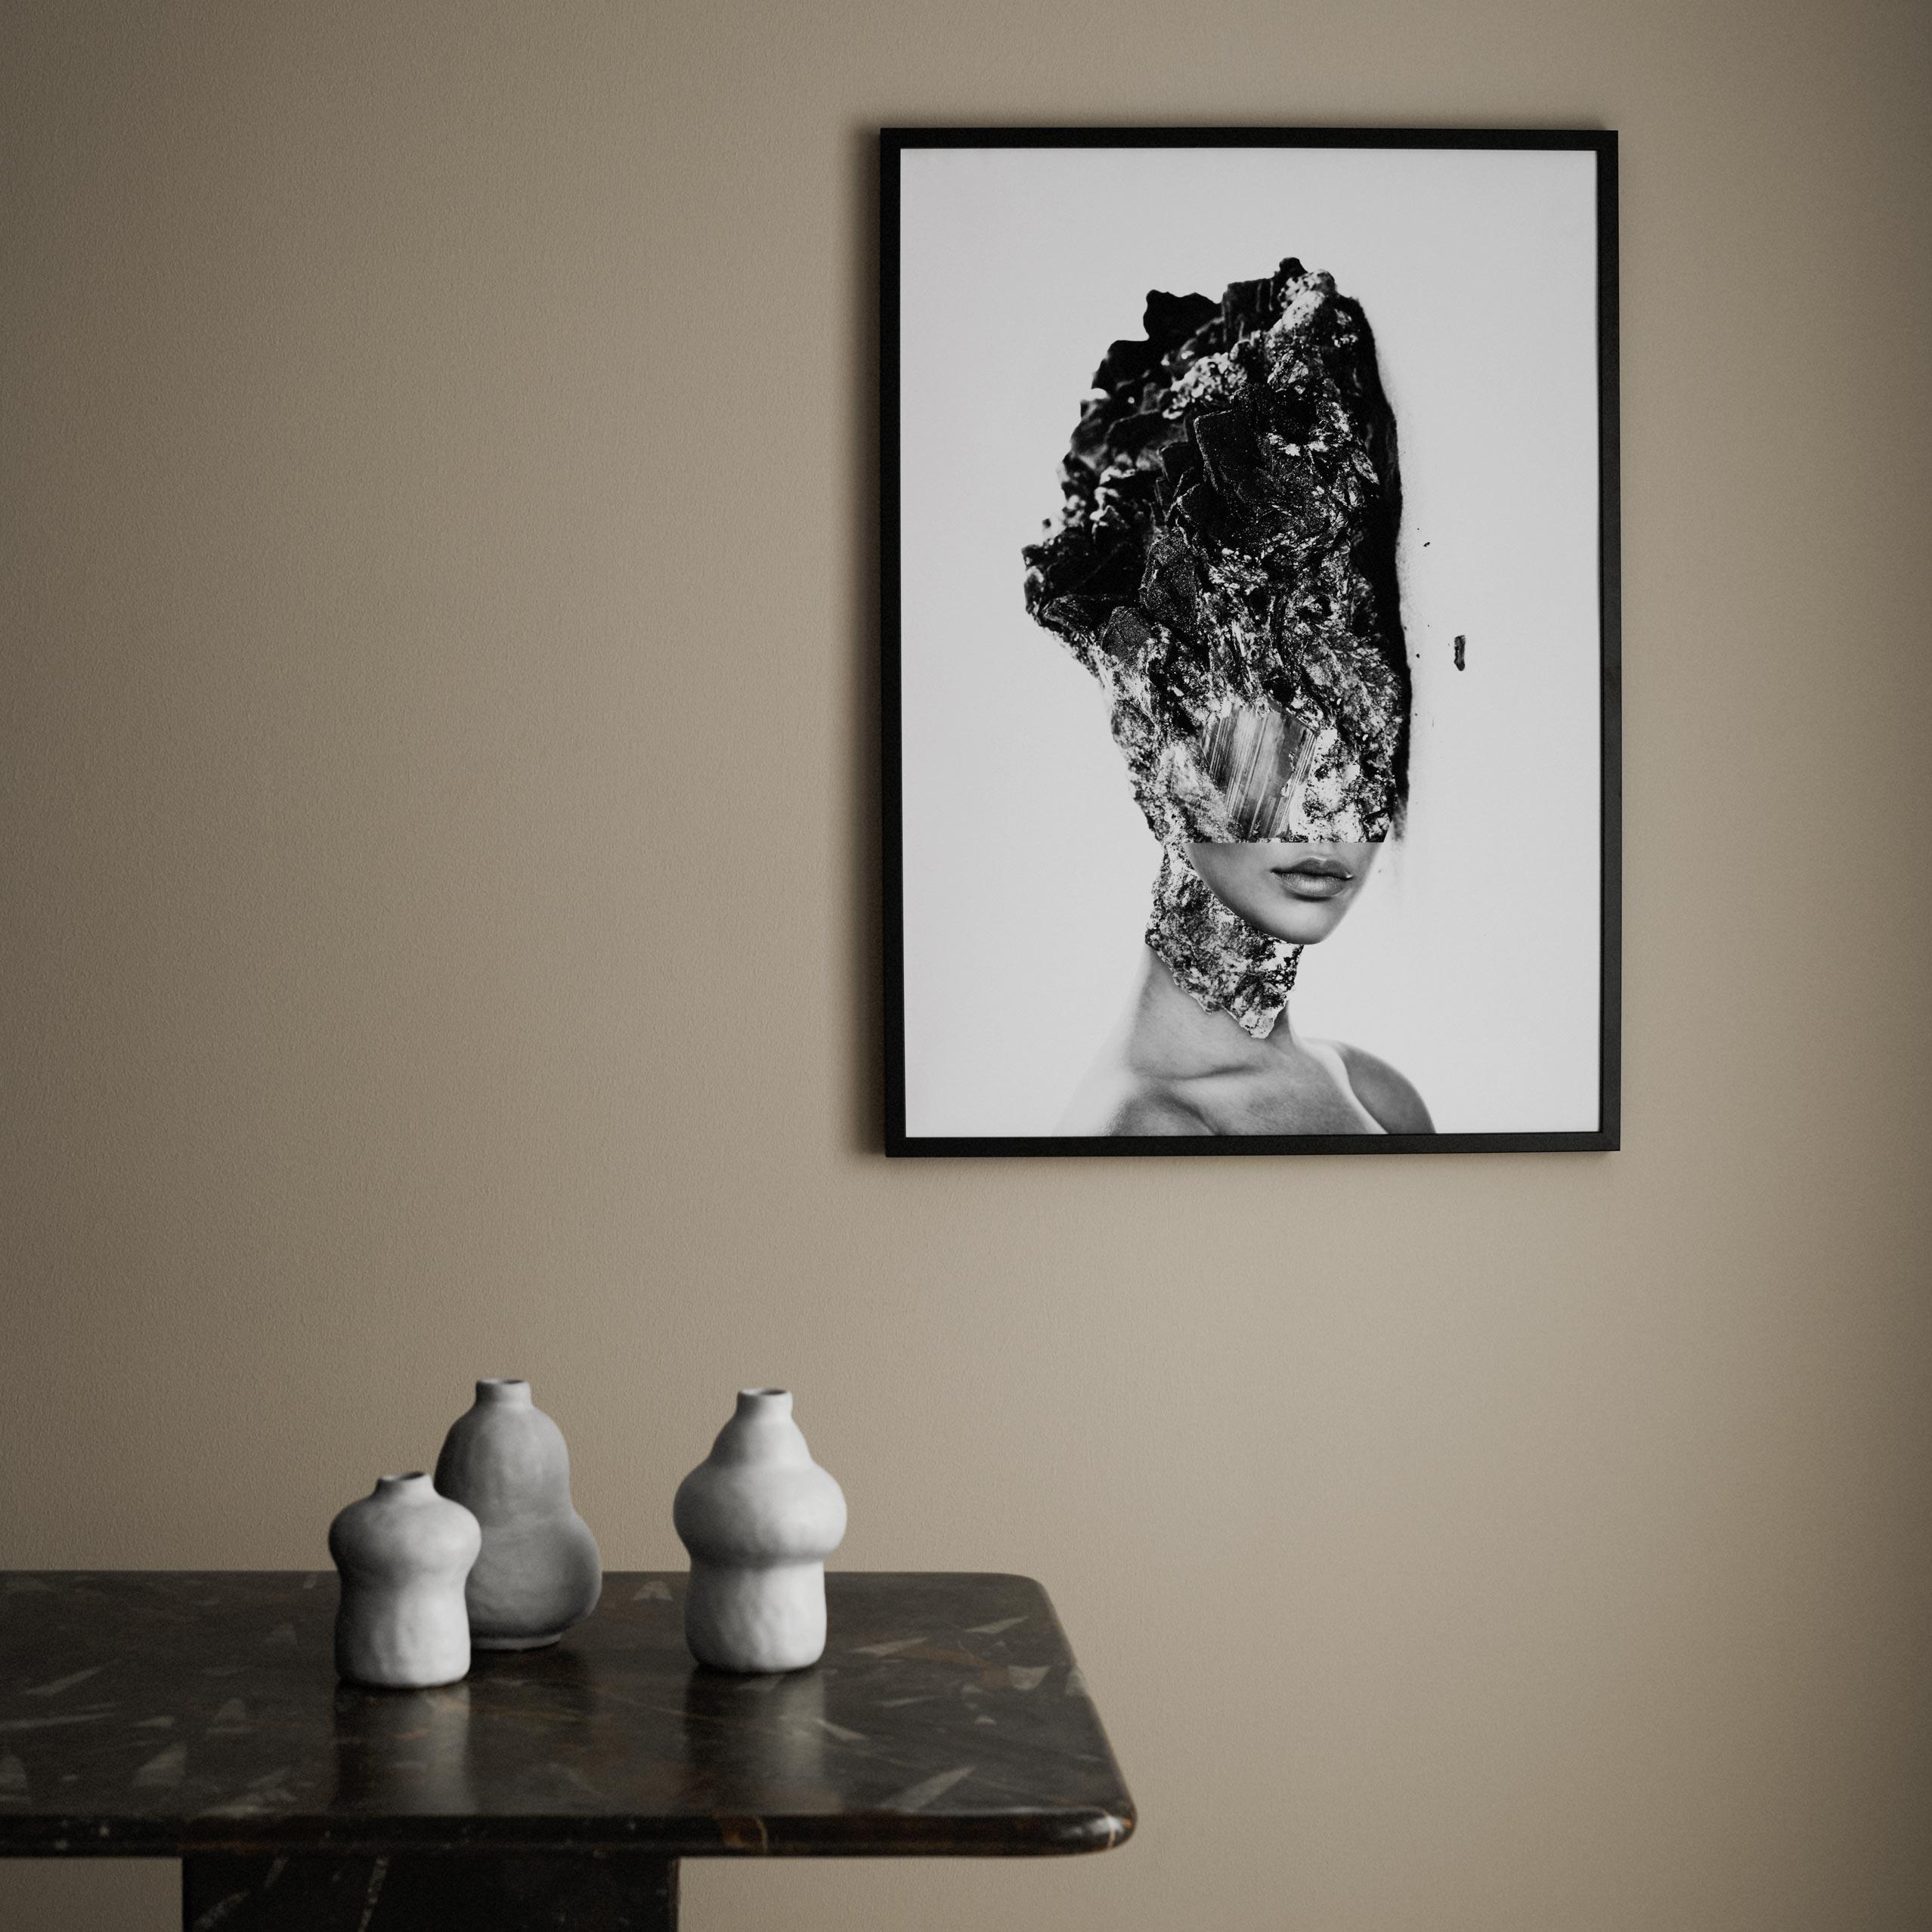 Obraz malowany tuszem kobieta